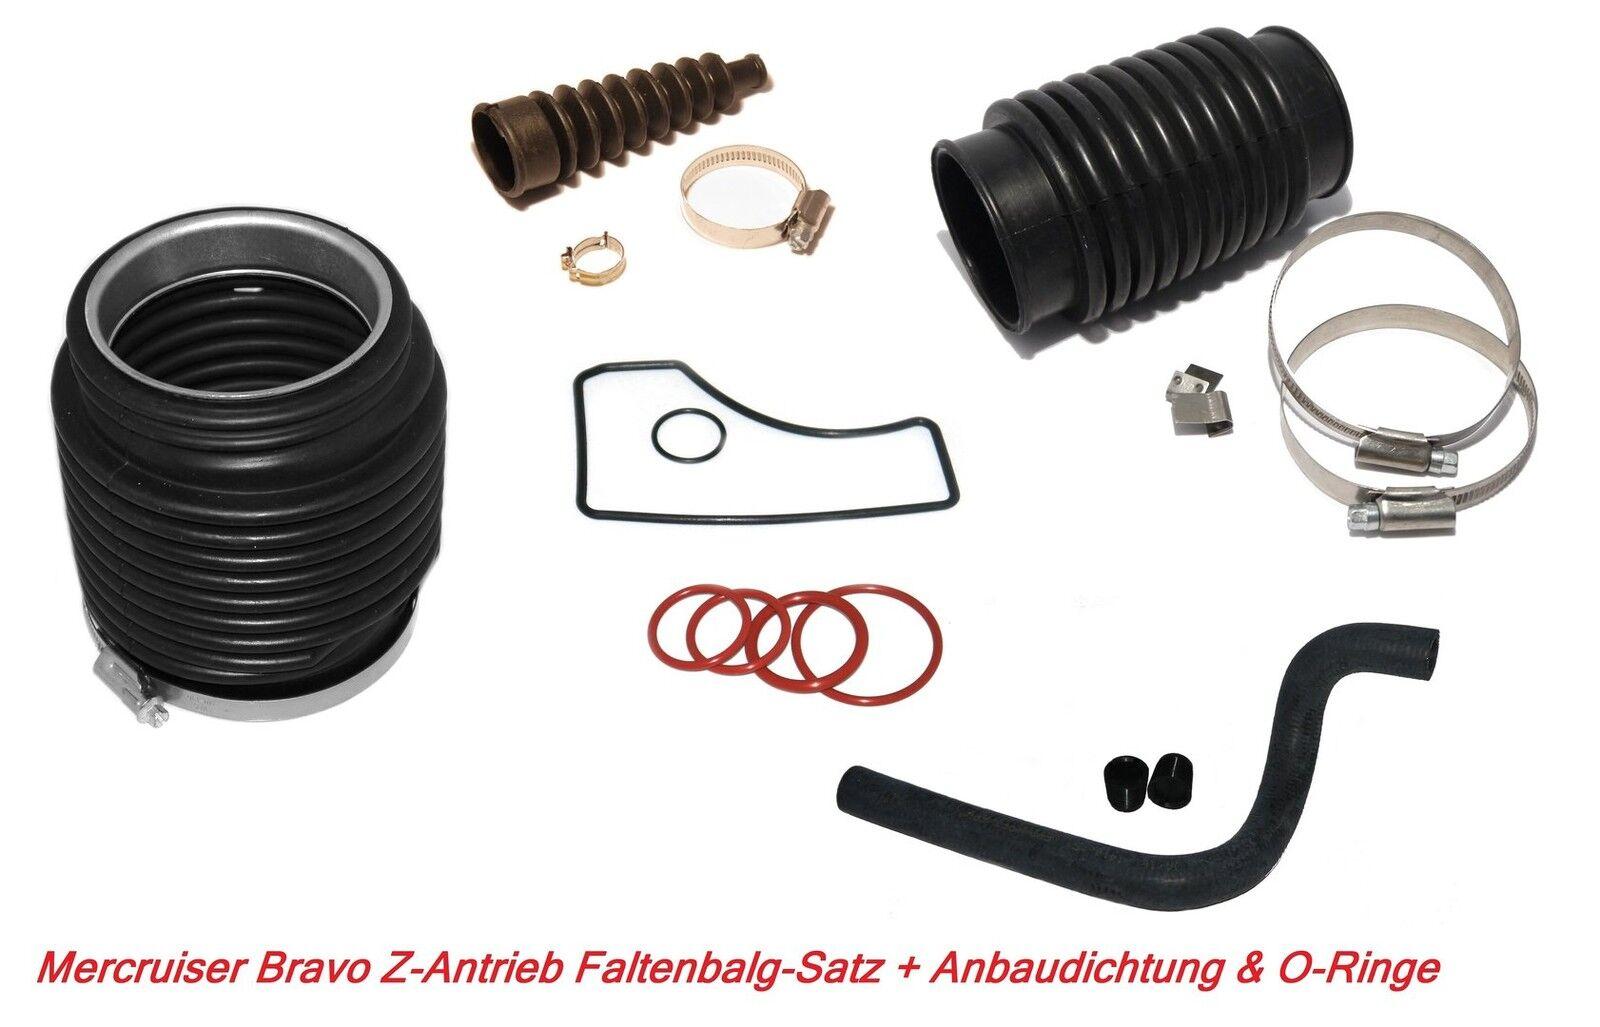 Faltenbalgsatz Mercruiser Bravo Z-Antriebe Bälge Wasserschlauch + Anbaudichtung